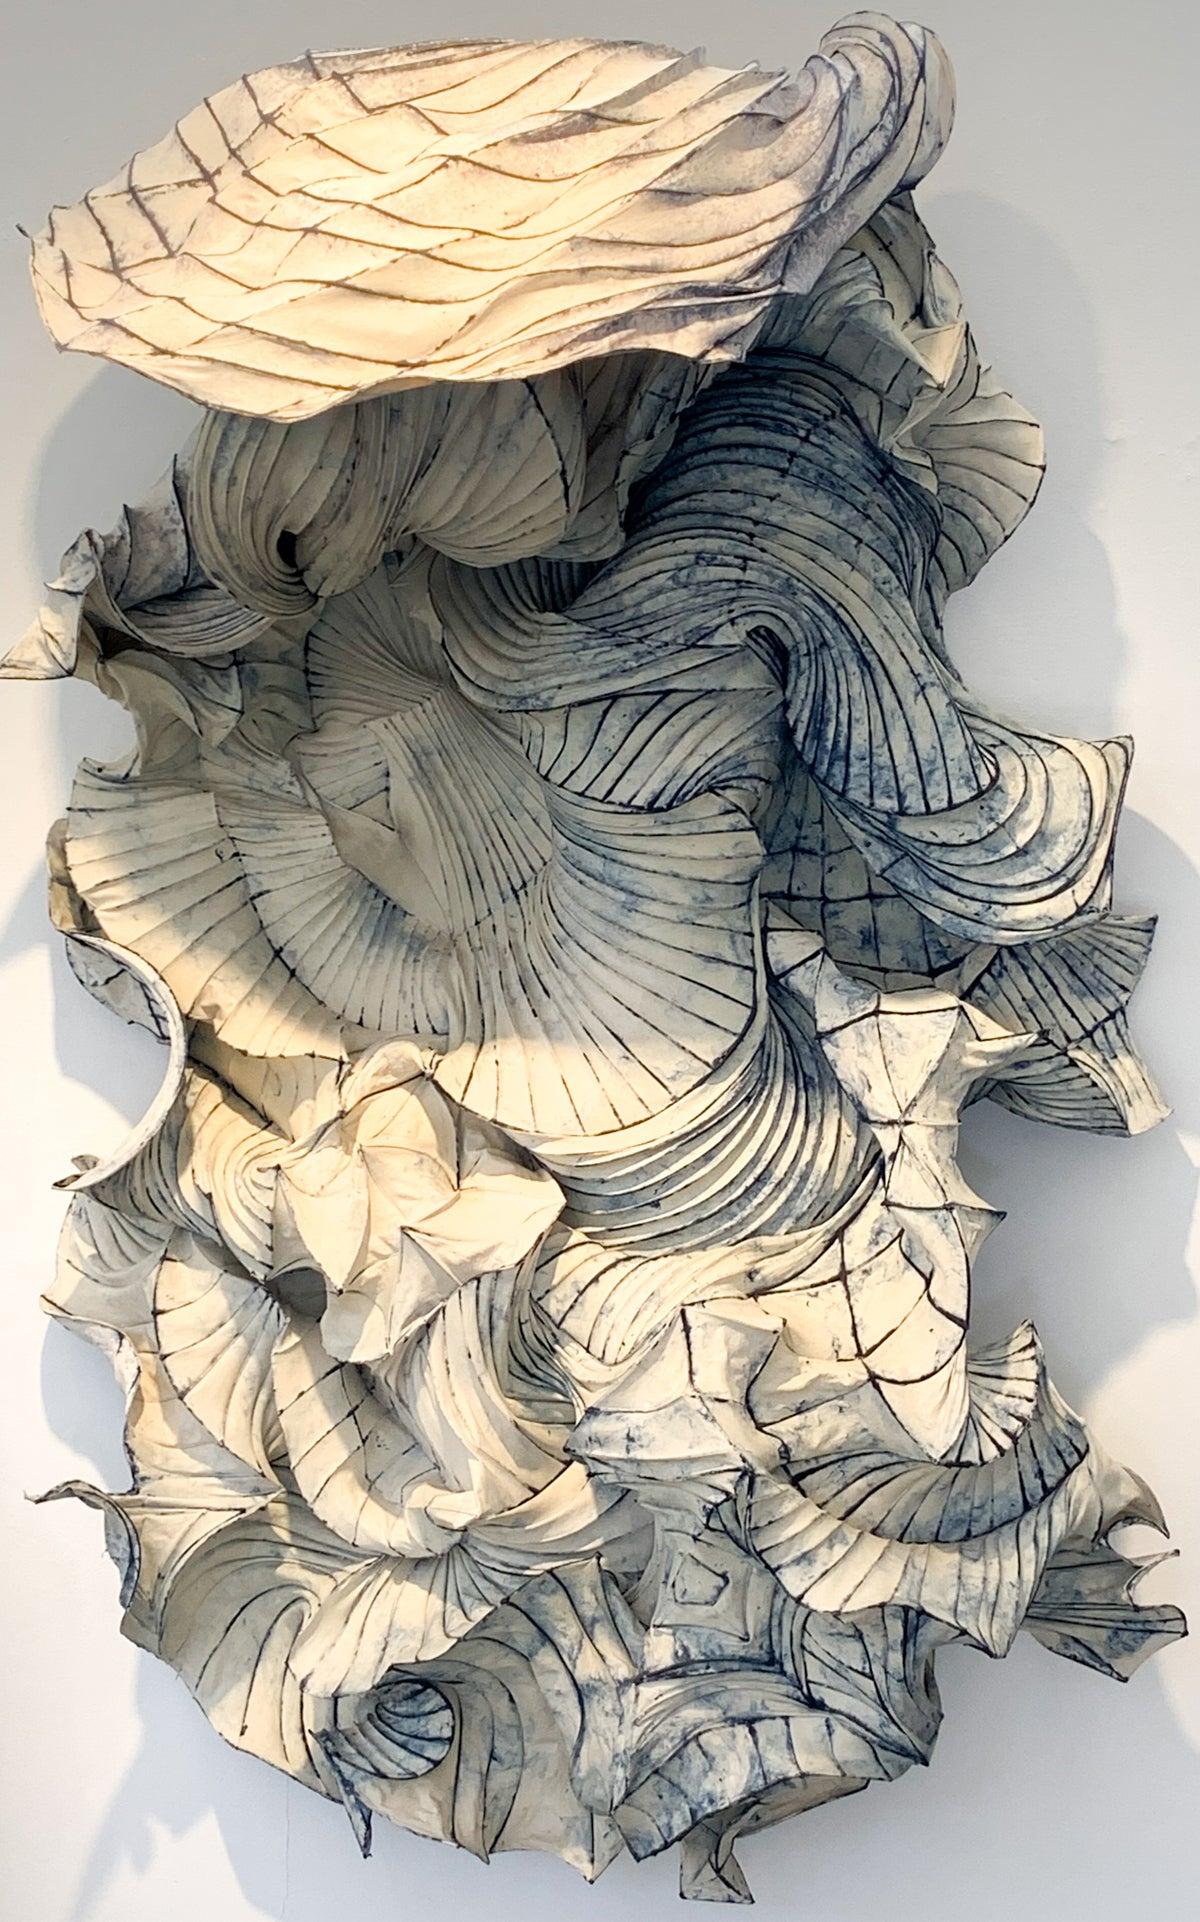 Paper sculpture by Gentenaar